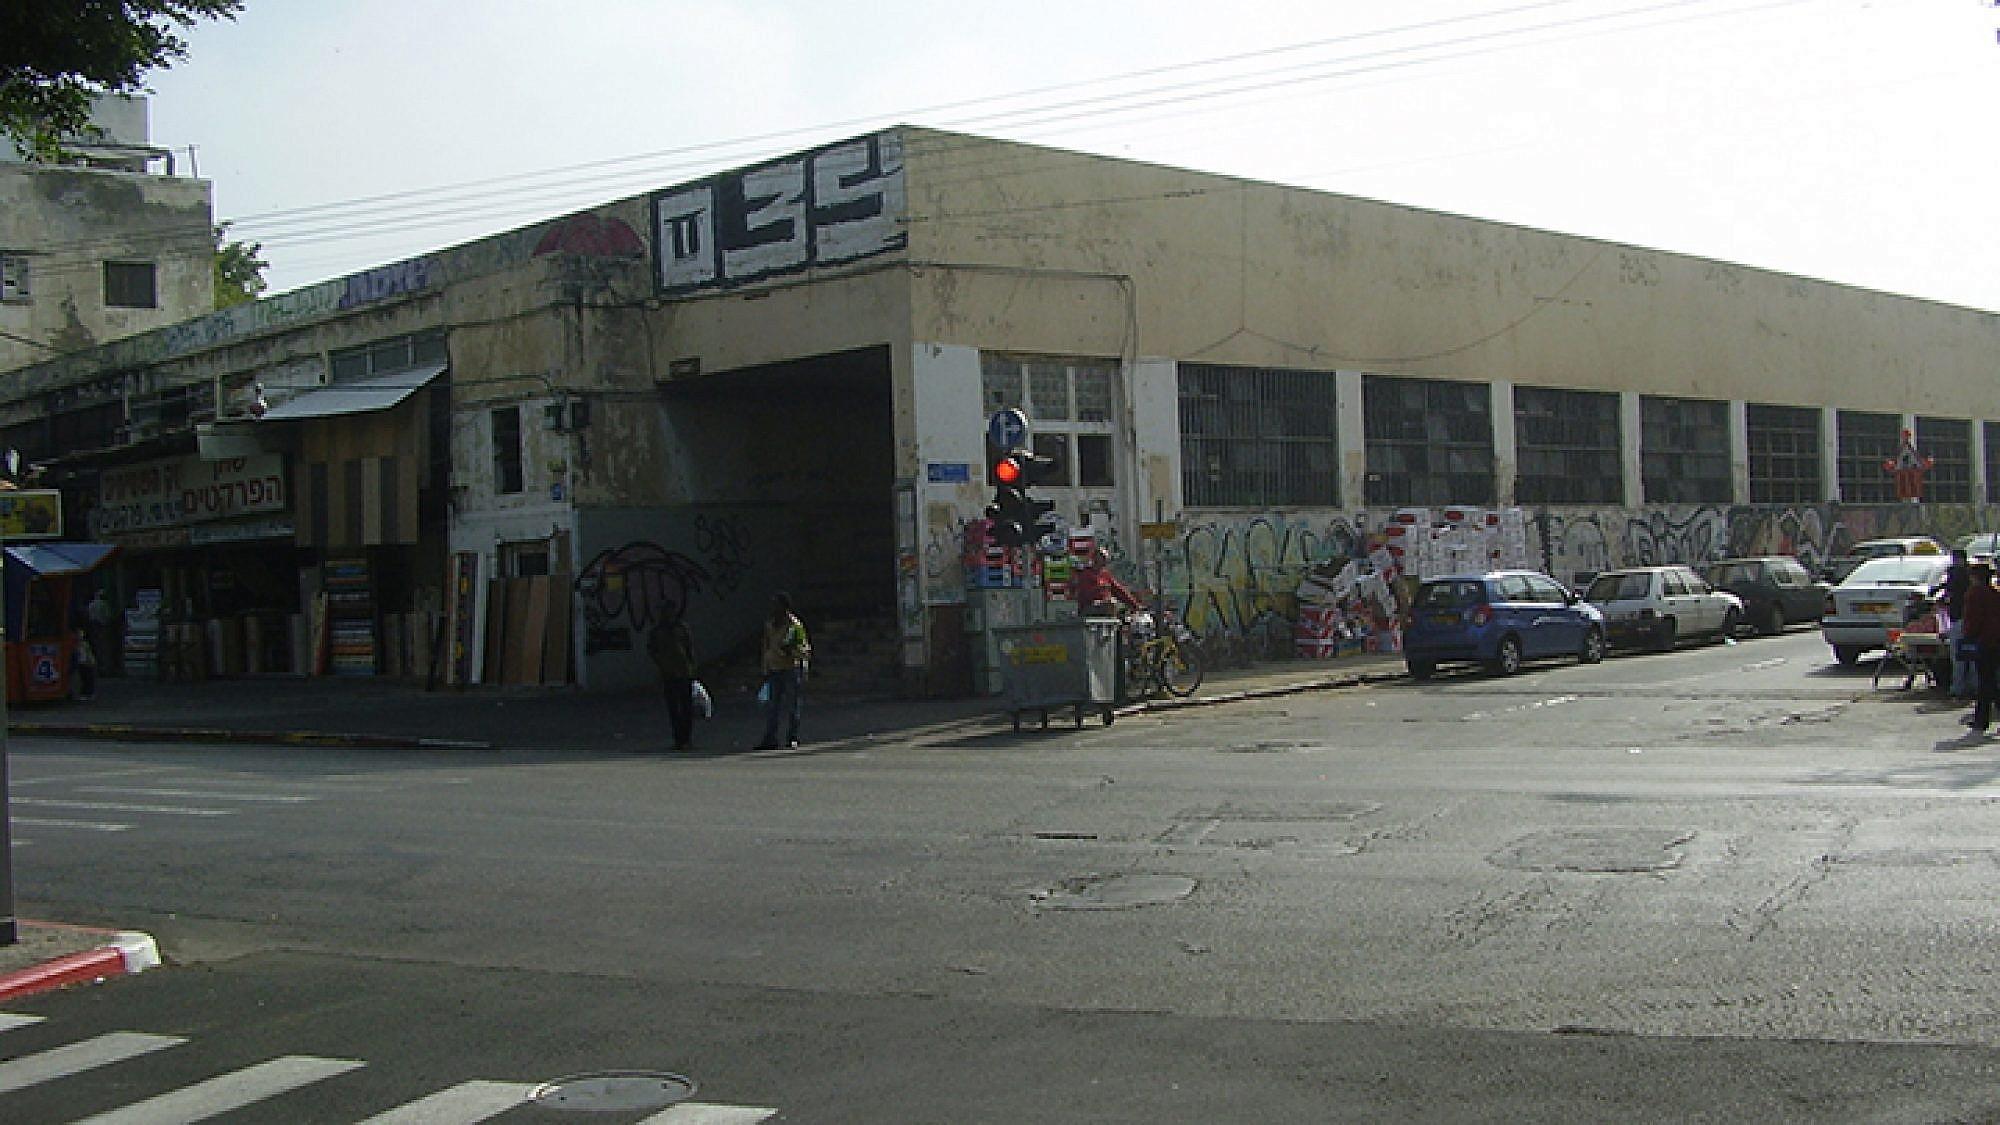 שוק העליה הישן לפני הקמת הפרויקט (צילום: Avi1111)